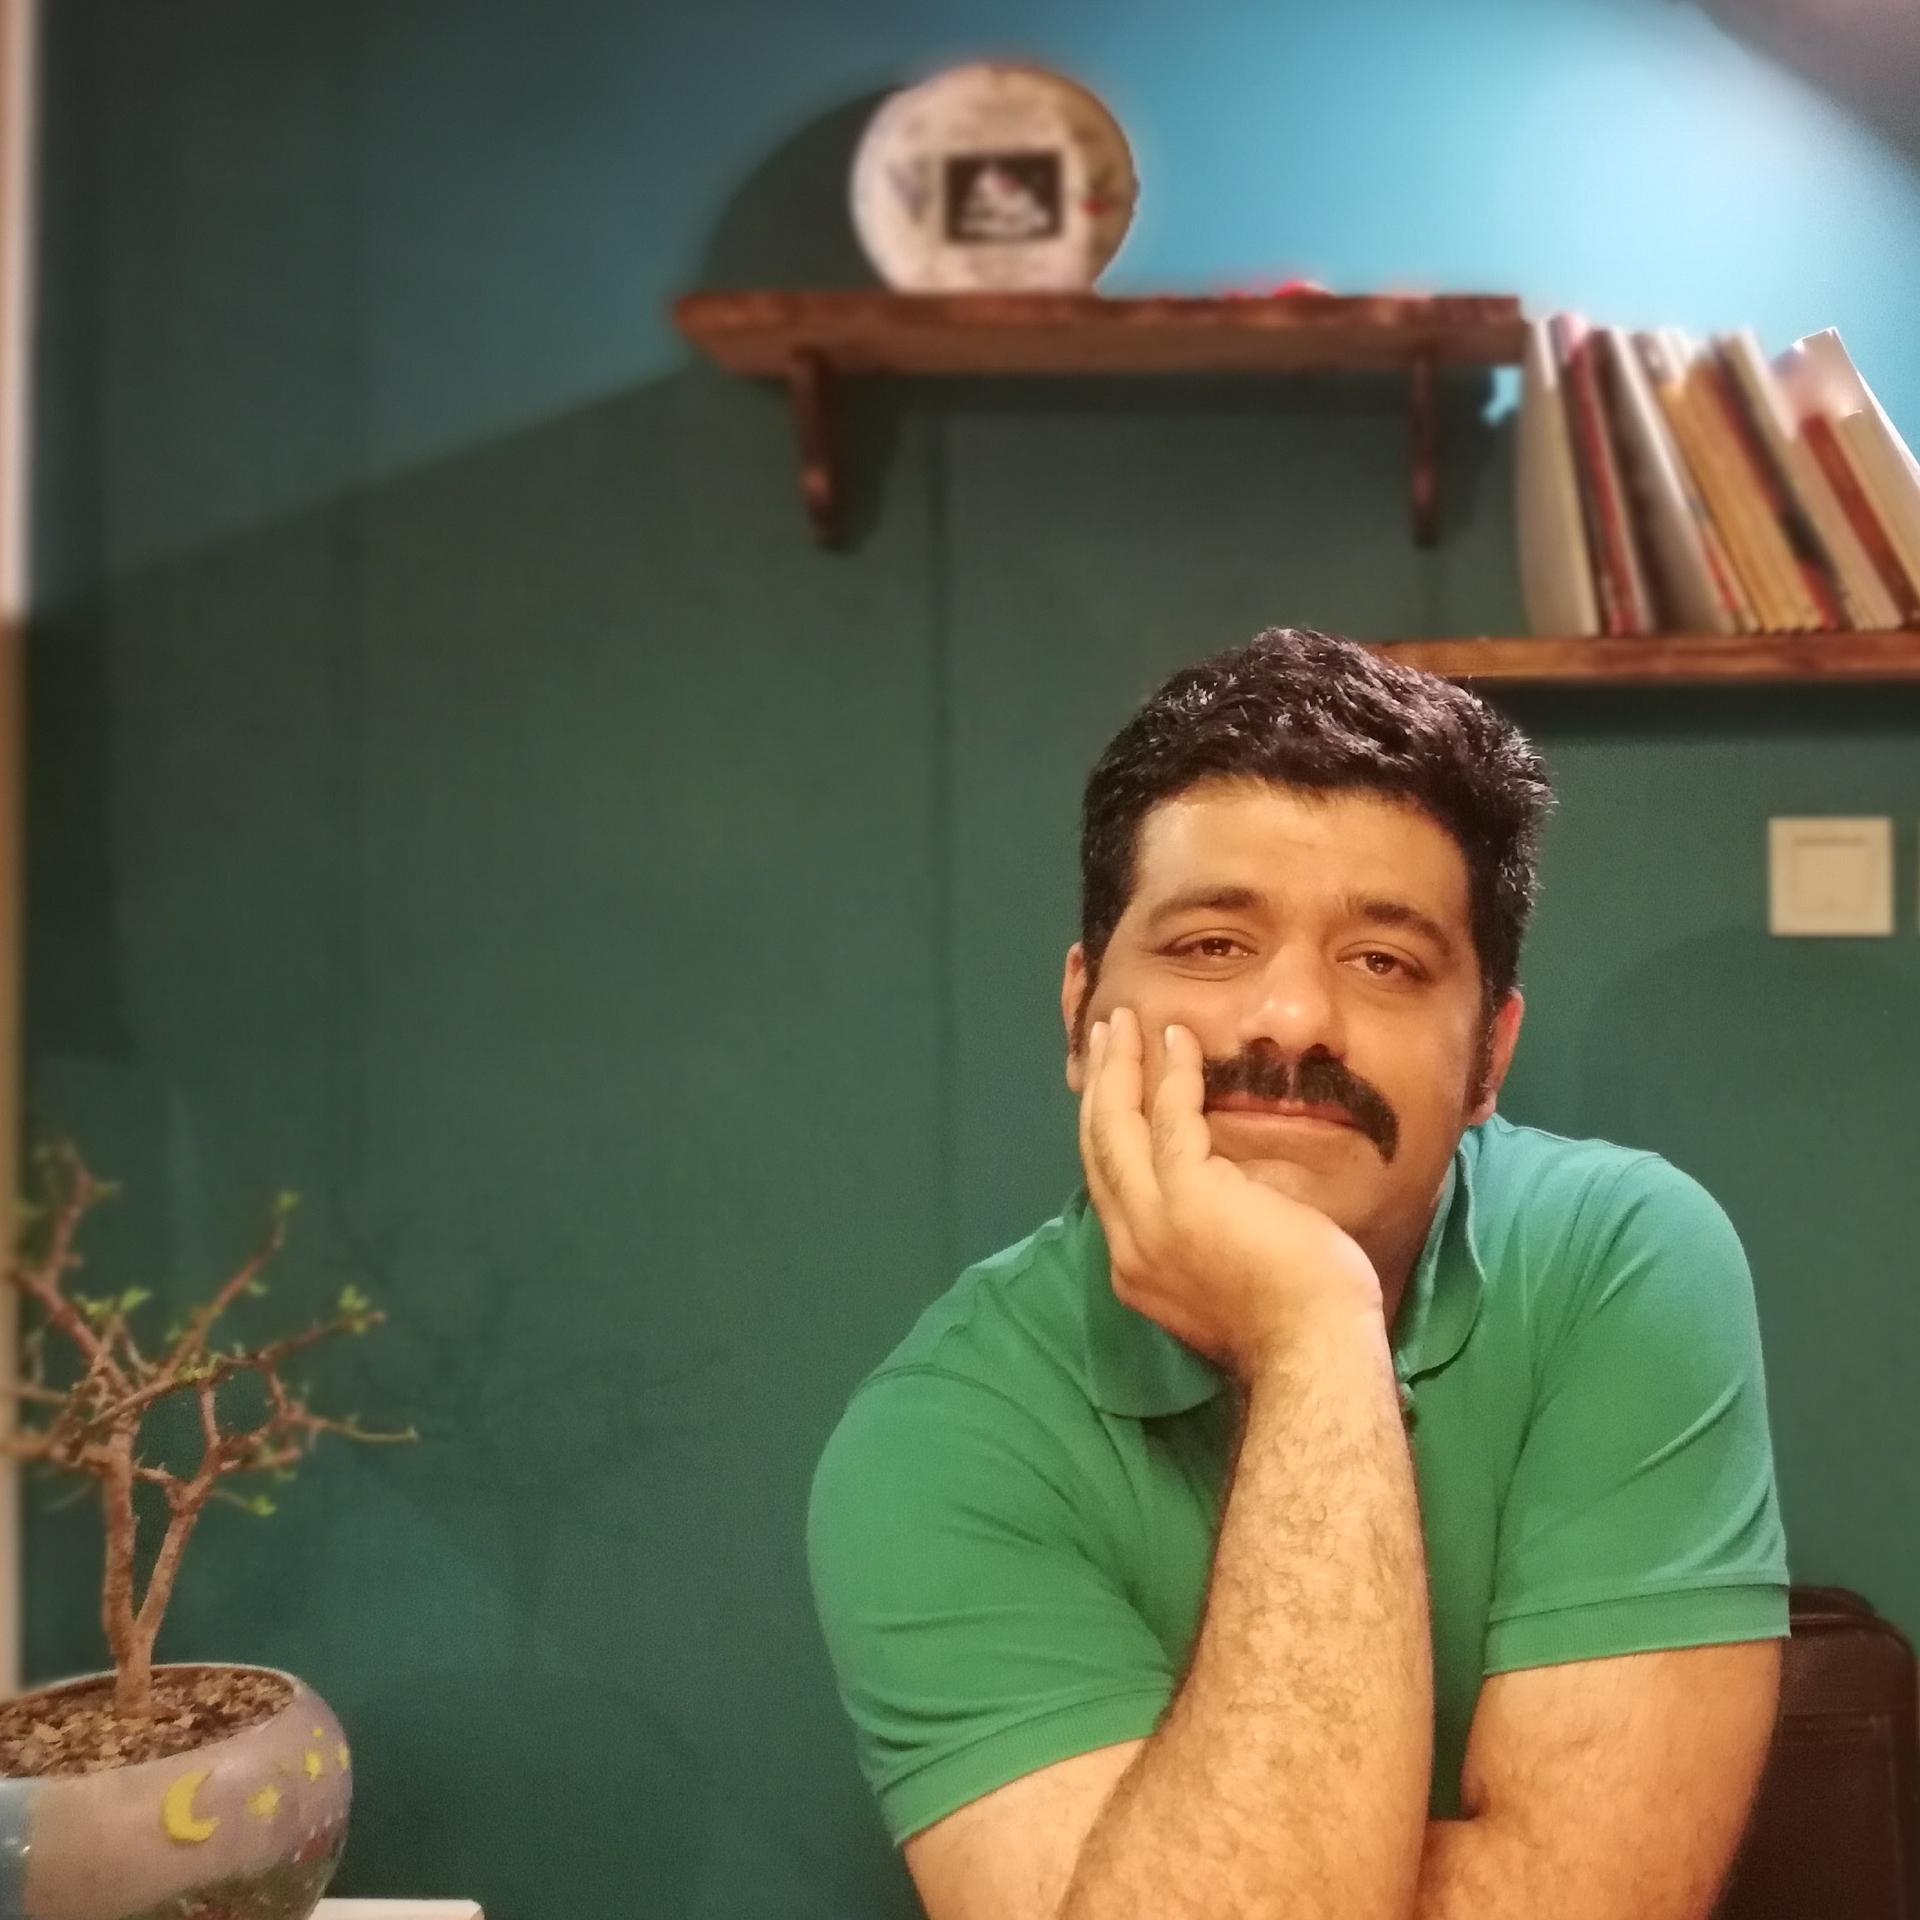 تصویری از شهاب راحله، بازیگر سینما و تلویزیون در حال بازیگری سر صحنه یکی از آثارش